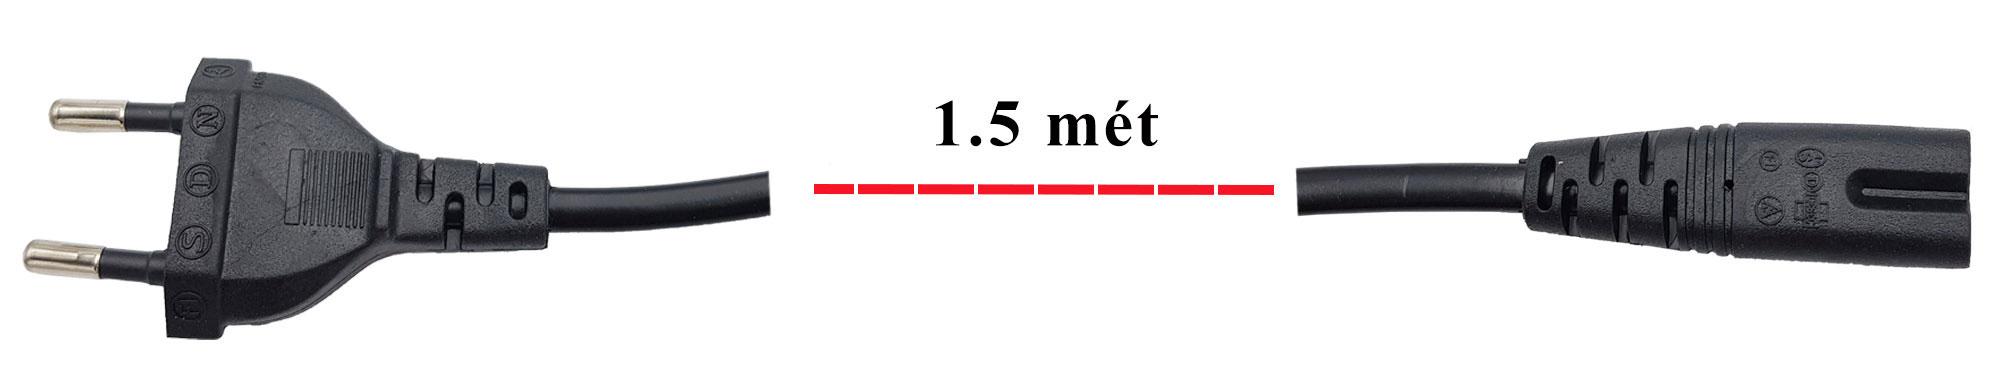 Dây nguồn AC đuôi số 8 (phích cắm tiêu chuẩn Châu Âu)